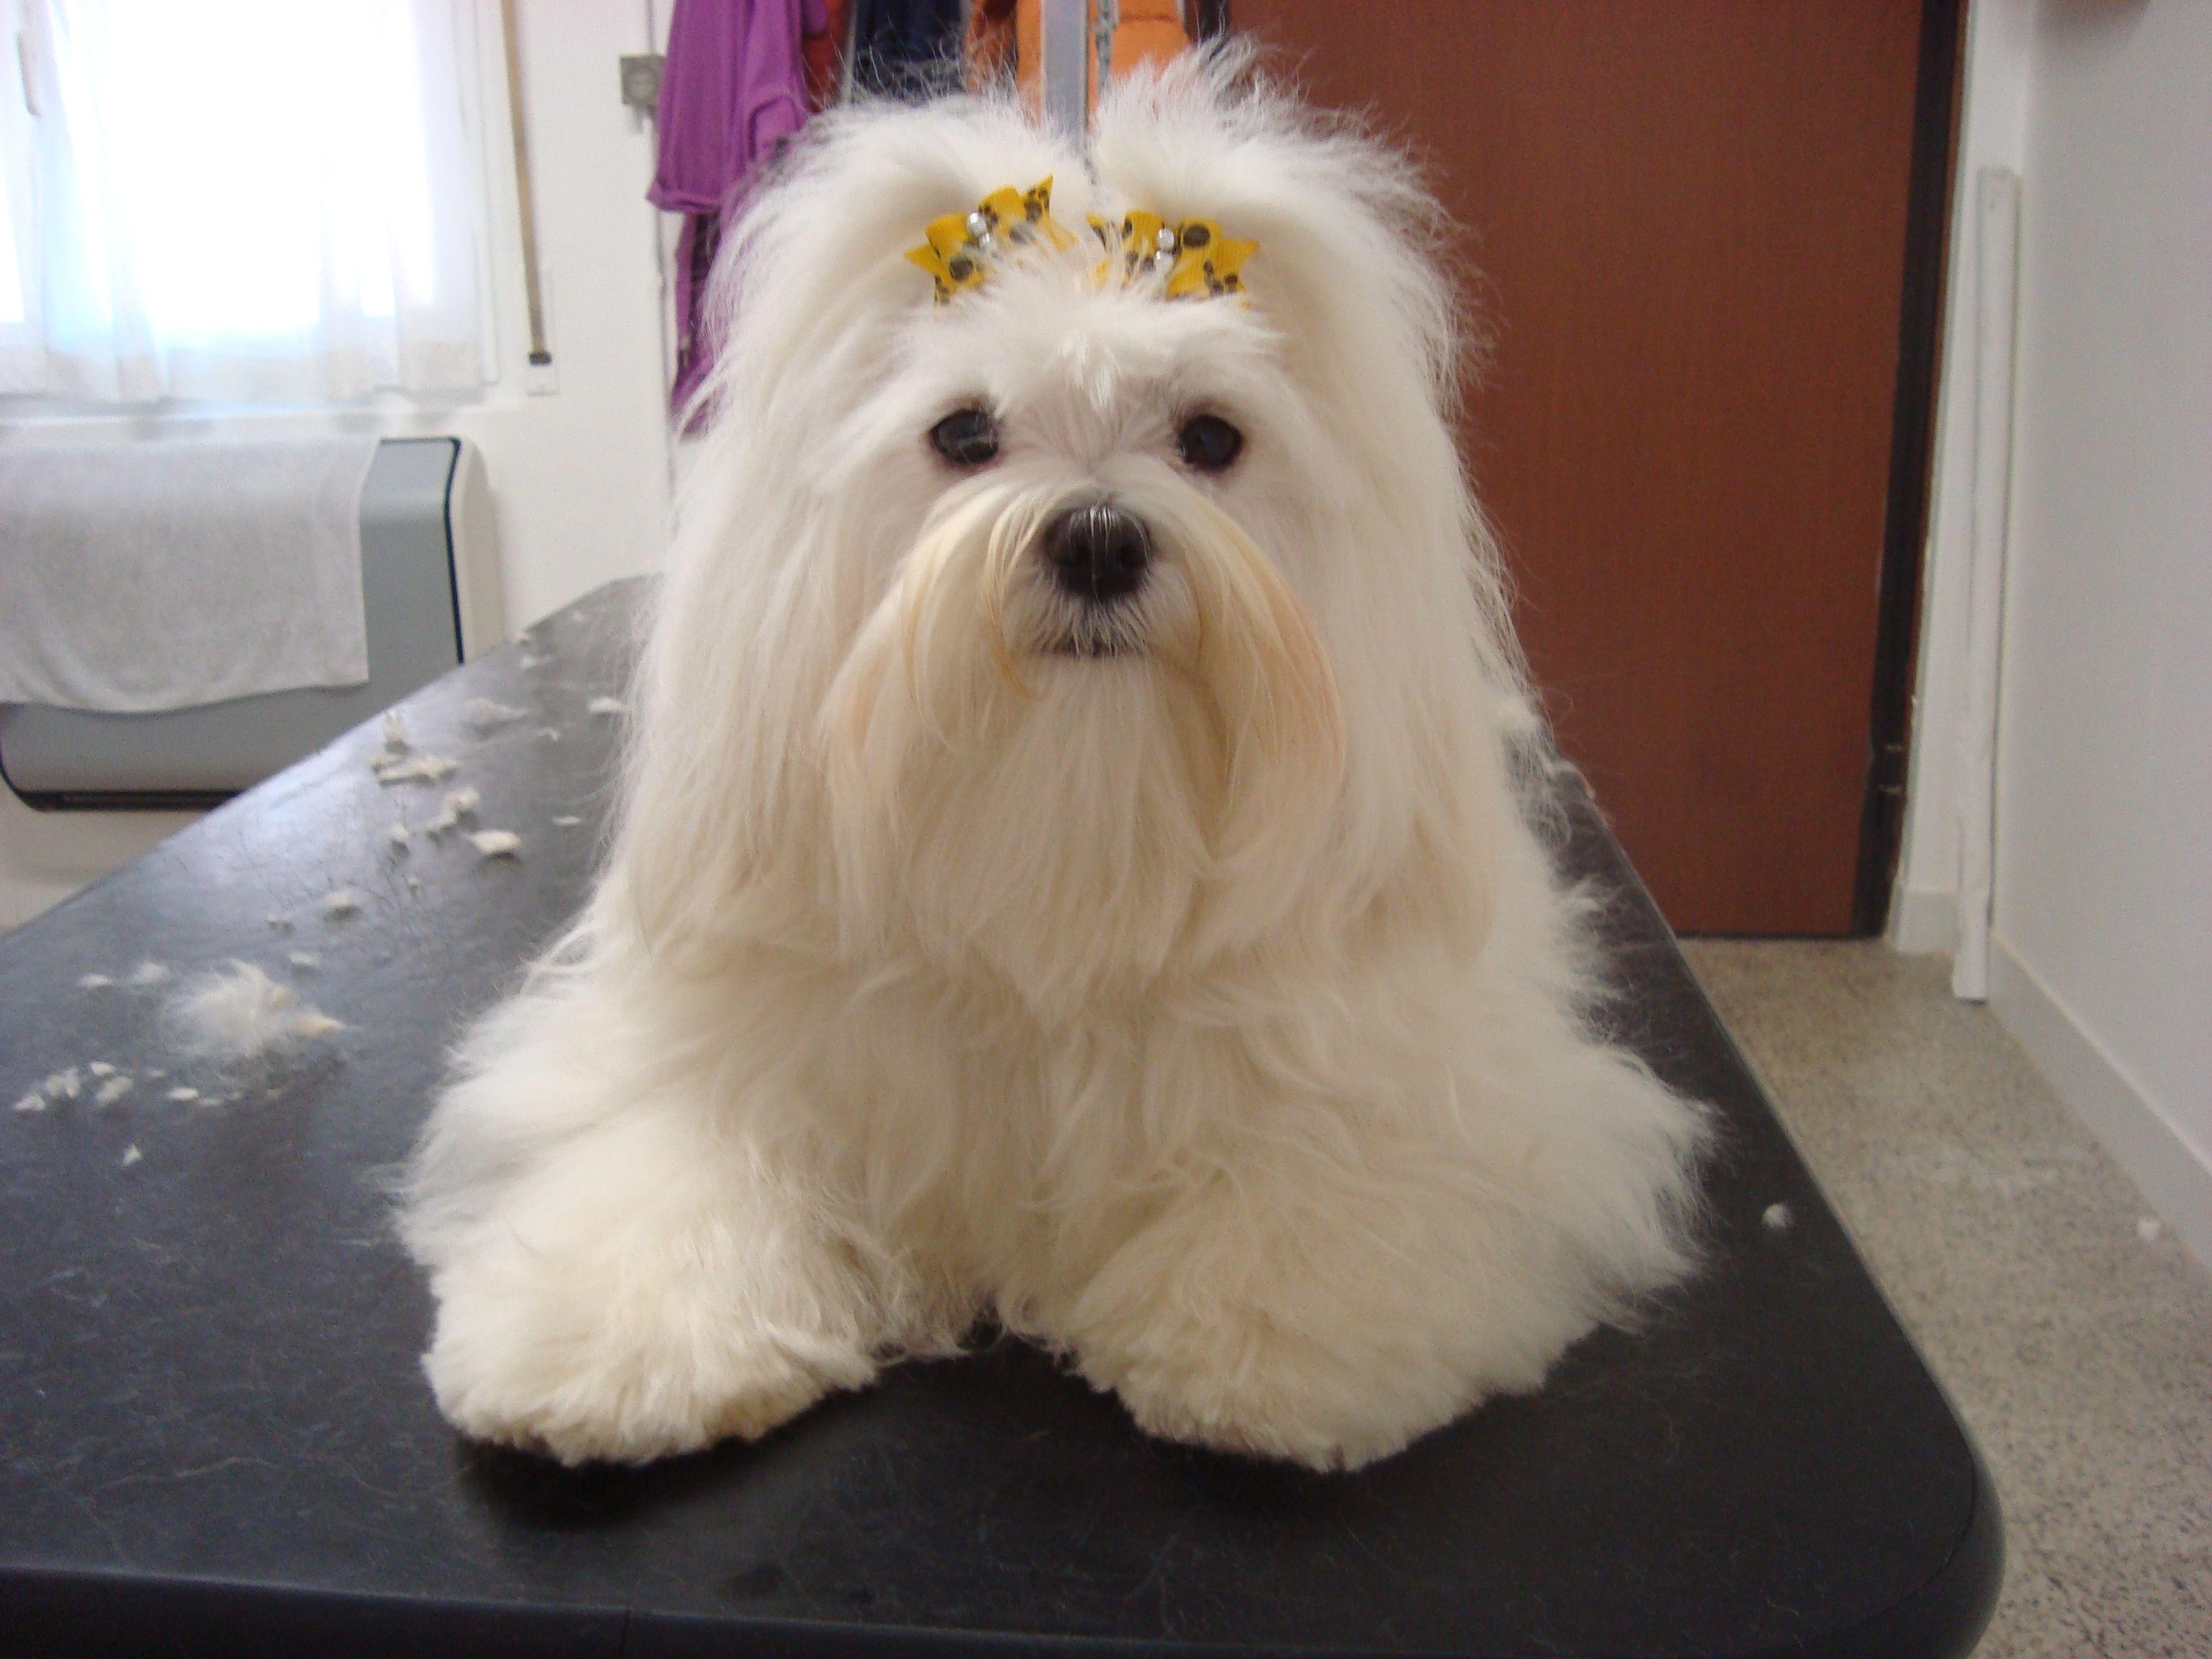 Attrezzatura Toelettatura ~ Fashion dog fashion dog toelettatura professionale san nicolò